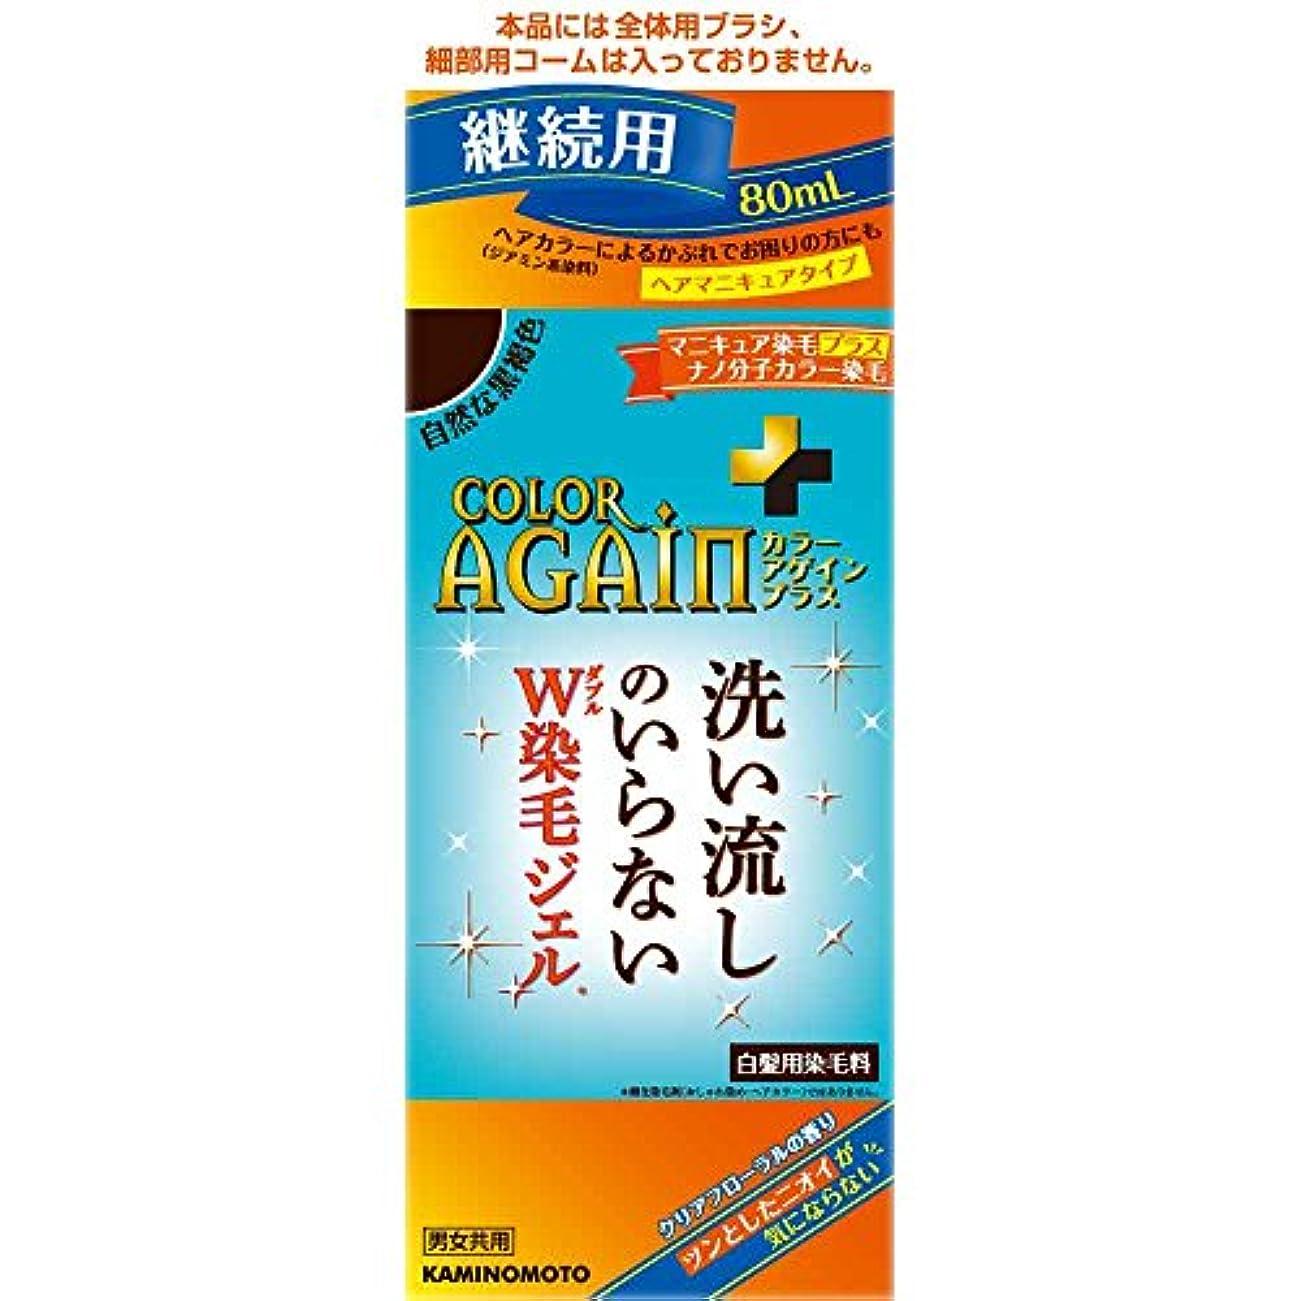 文言タンザニアスツールカラーアゲインプラス 自然な黒褐色 継続用 80mL